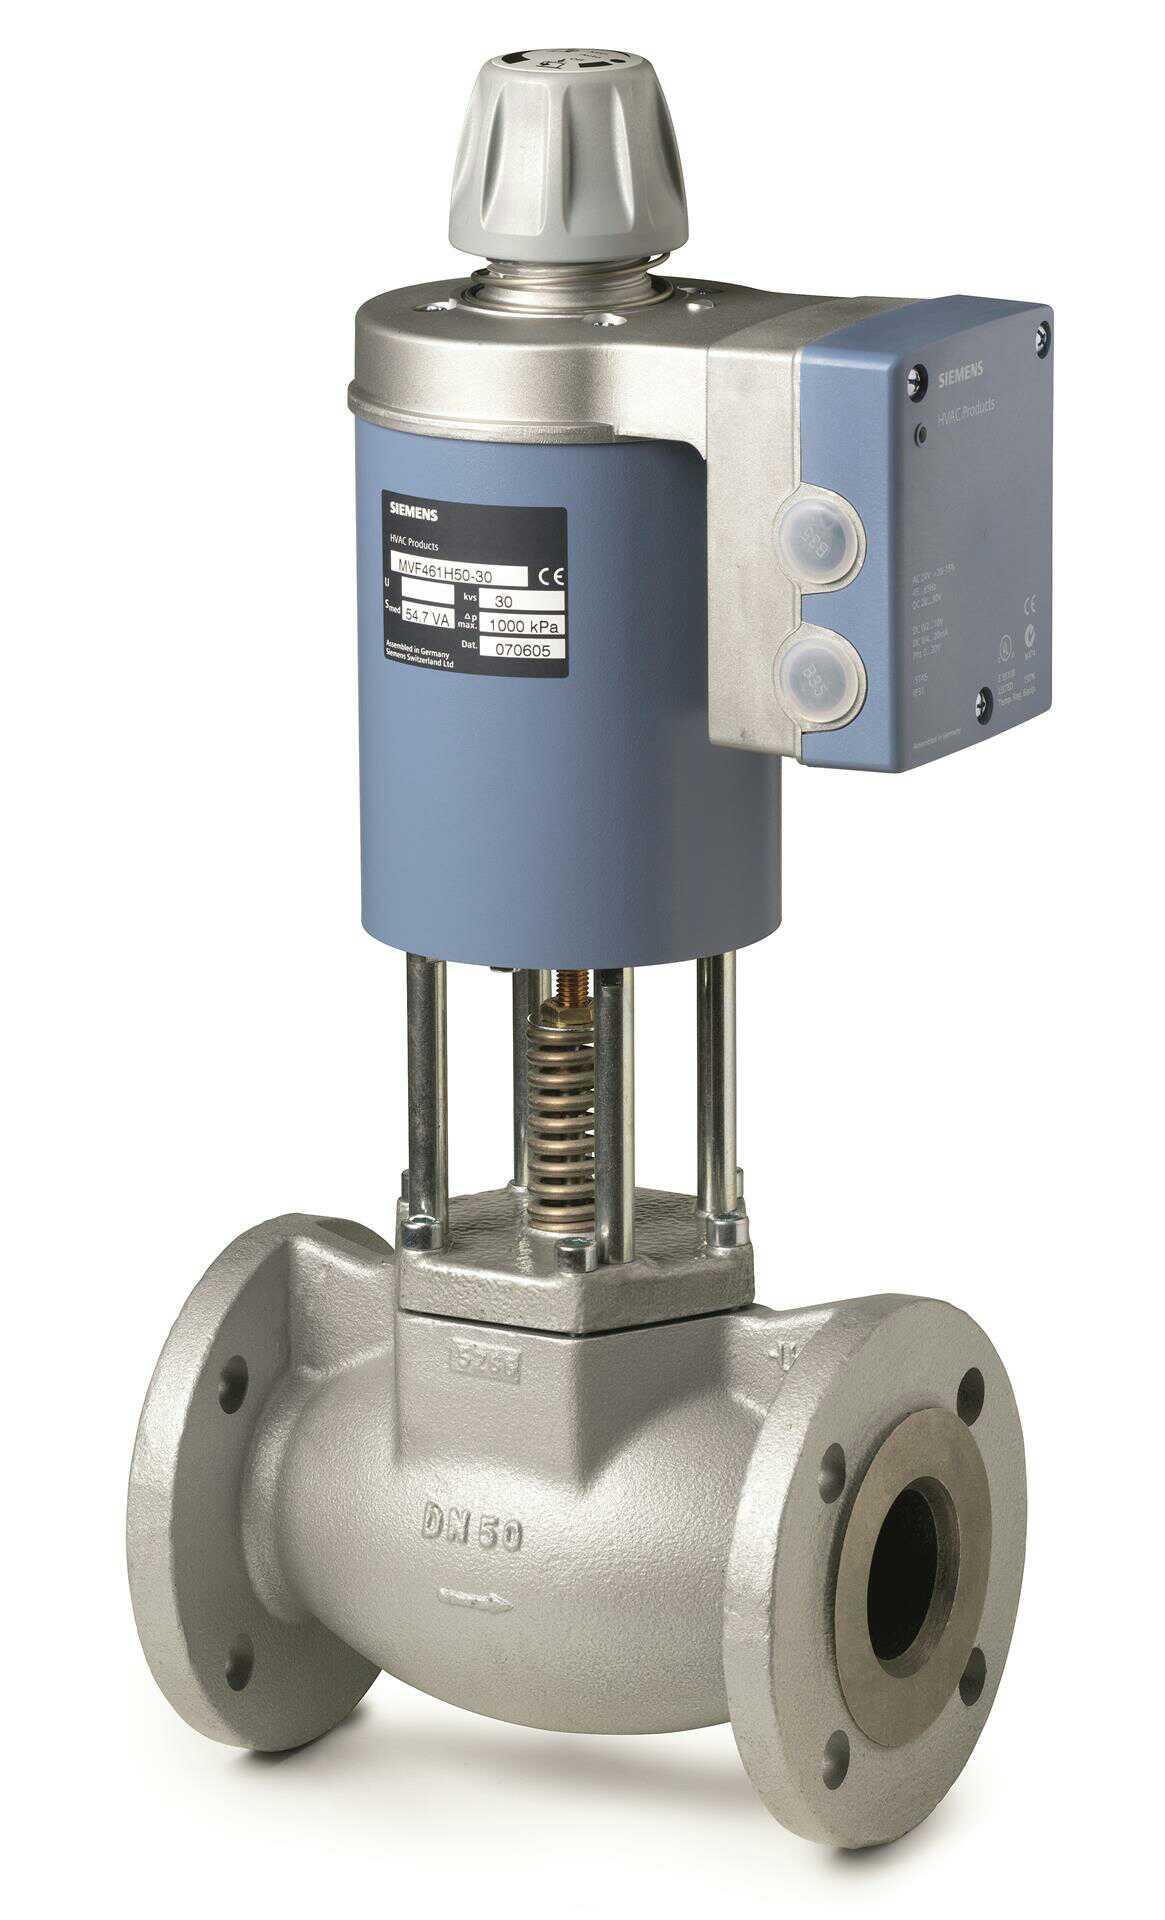 Deutsche Siemens Siemens MVF461H25-8 dampf elektromagnetische ventile Zweite durch I - 1 - Zoll - dn25